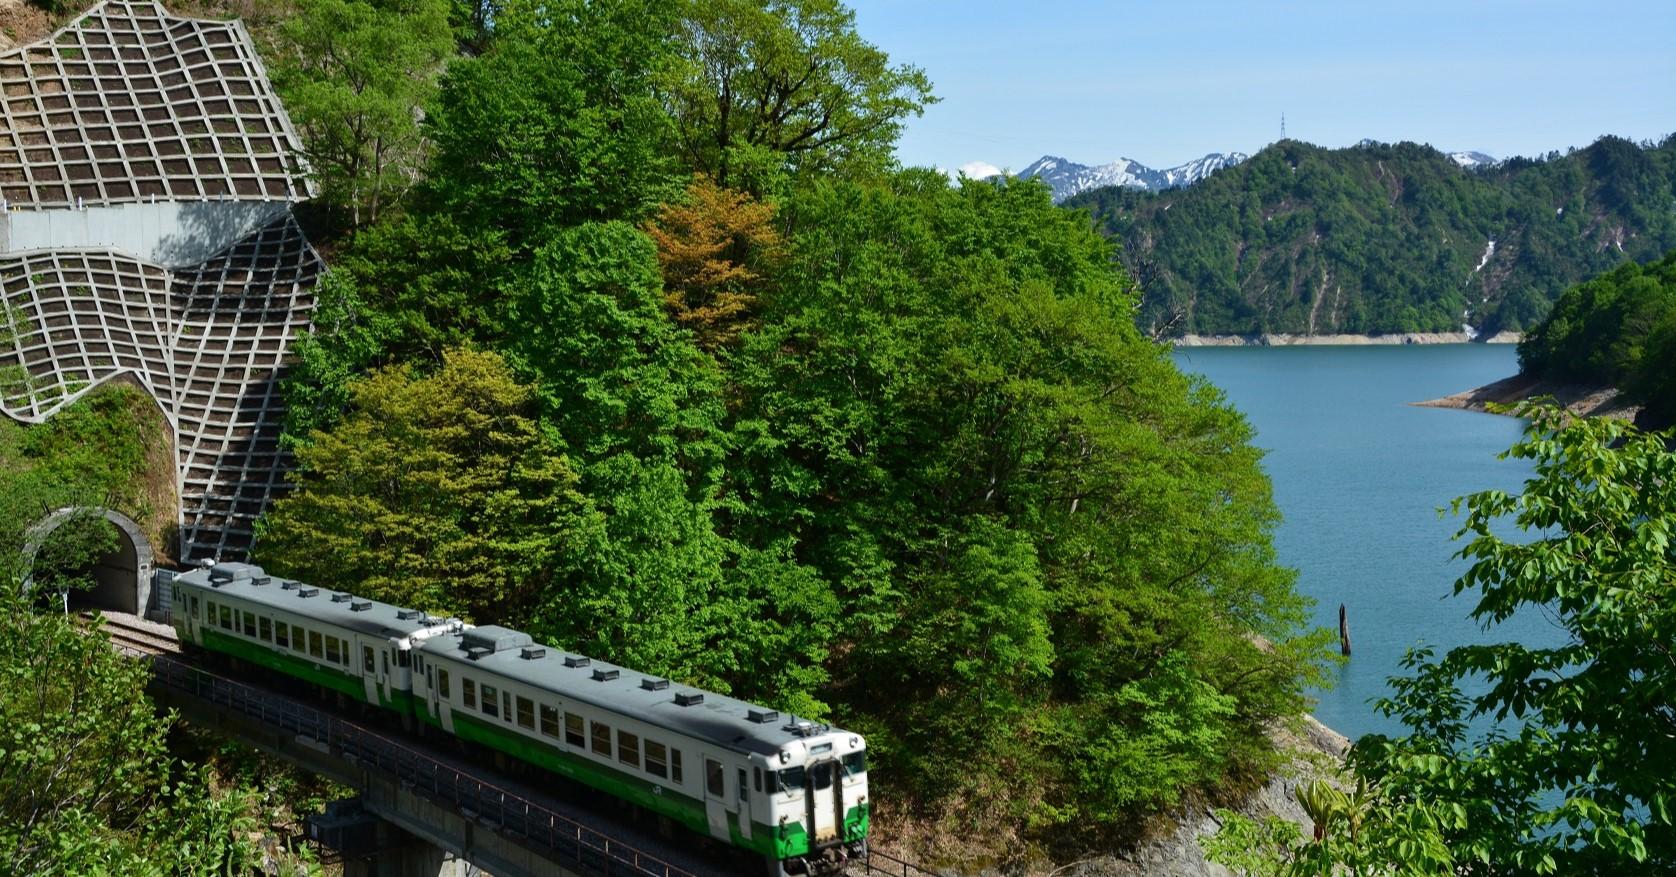 JR只見線、四季の景色が楽しめるローカル線として有名です。